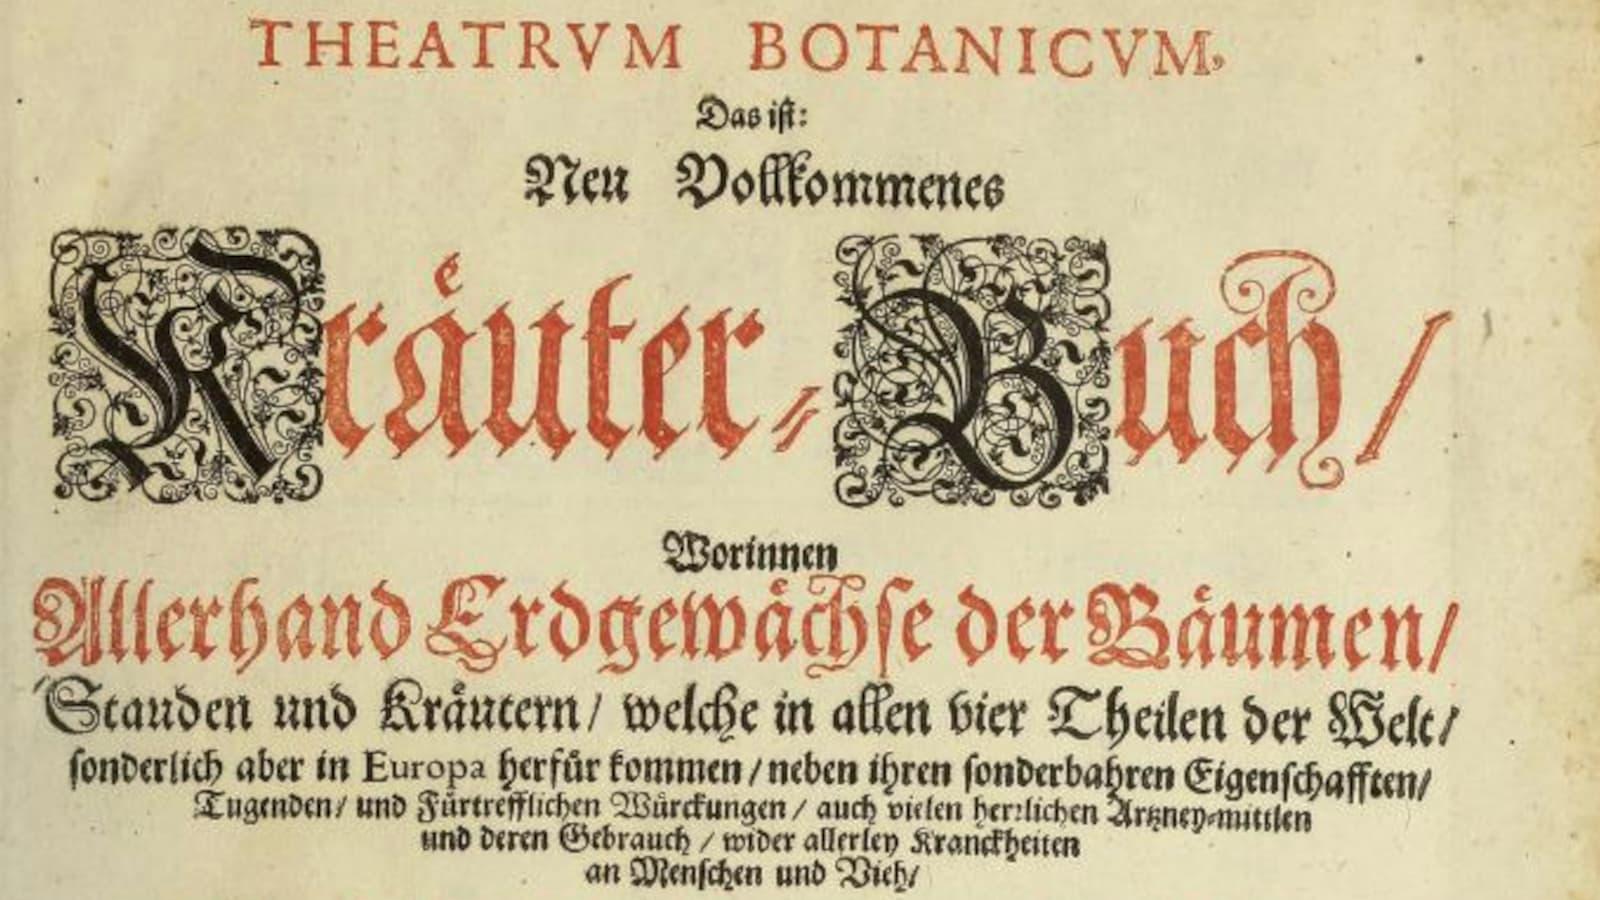 Theatrum Botanicum. Beitragsbild.